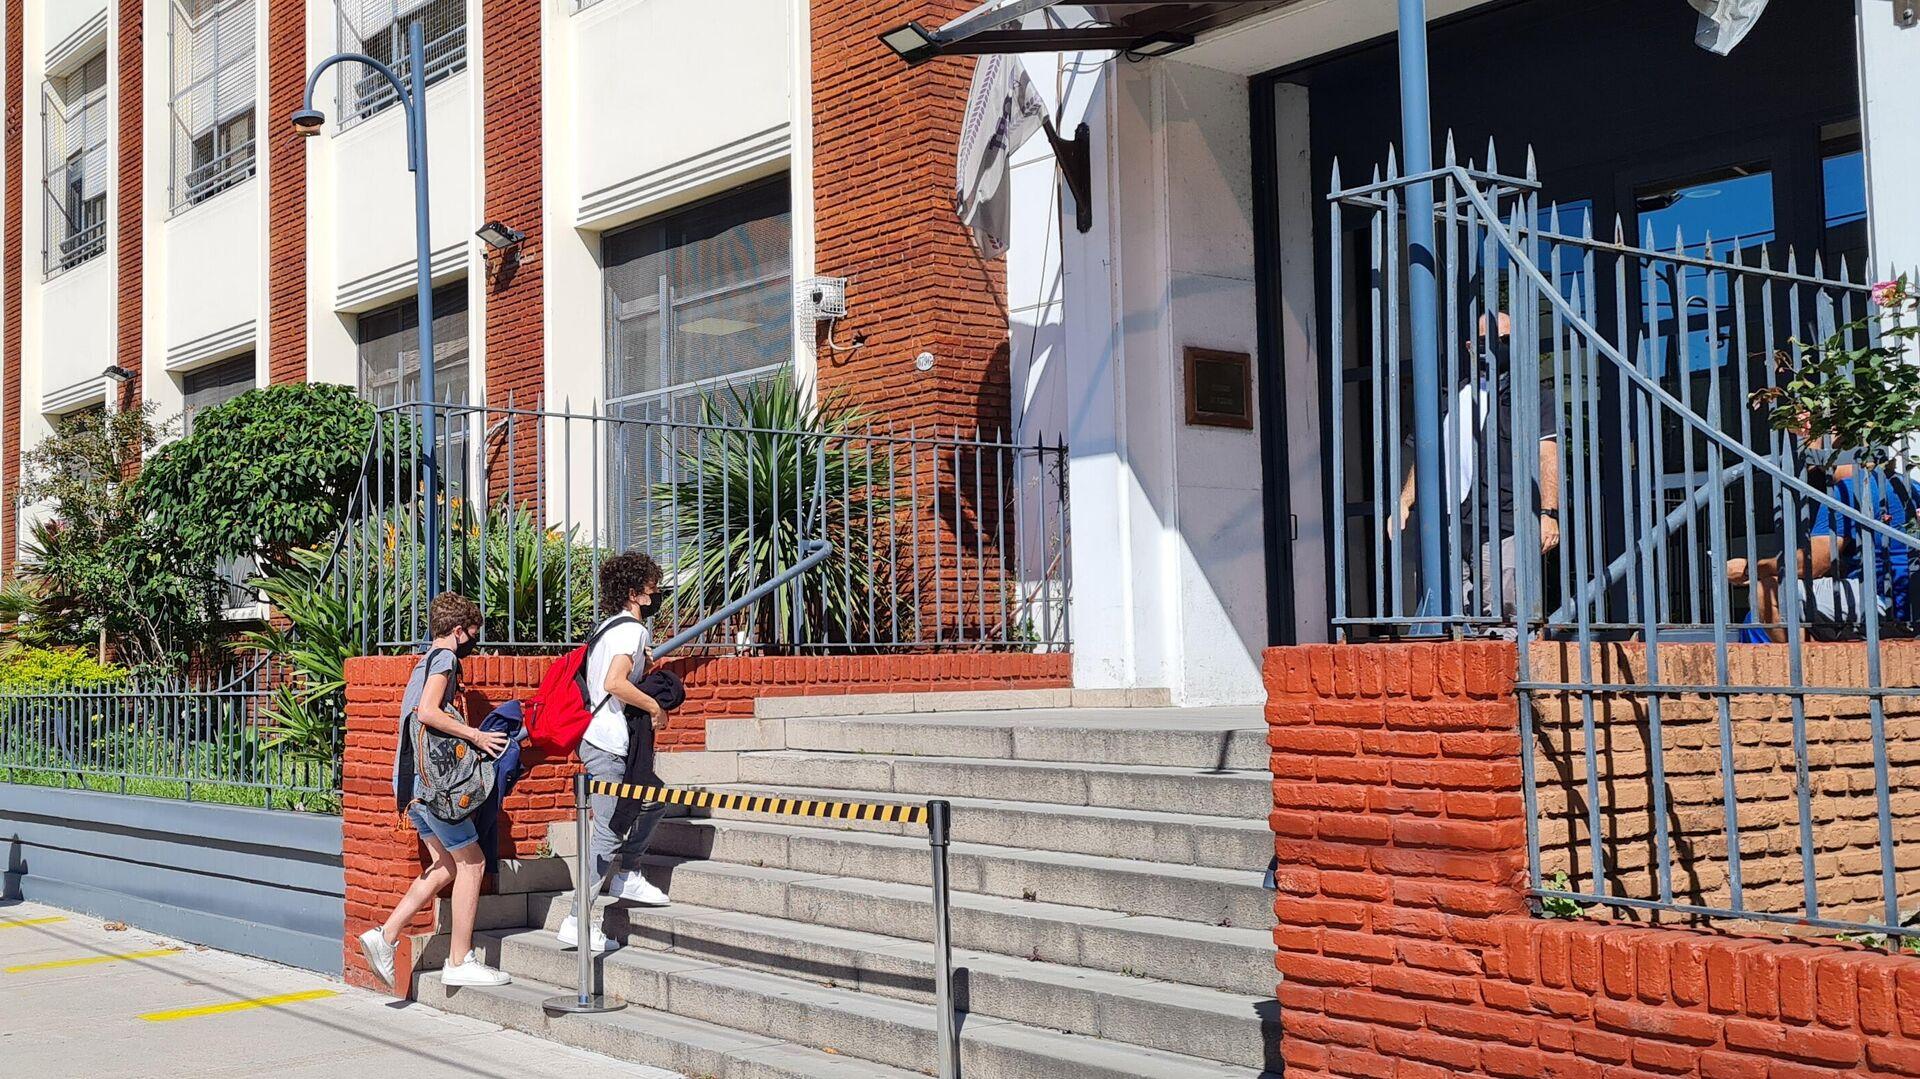 El Gobierno porteño autorizó las clases en las escuelas en rechazo al decreto presidencial - Sputnik Mundo, 1920, 19.04.2021